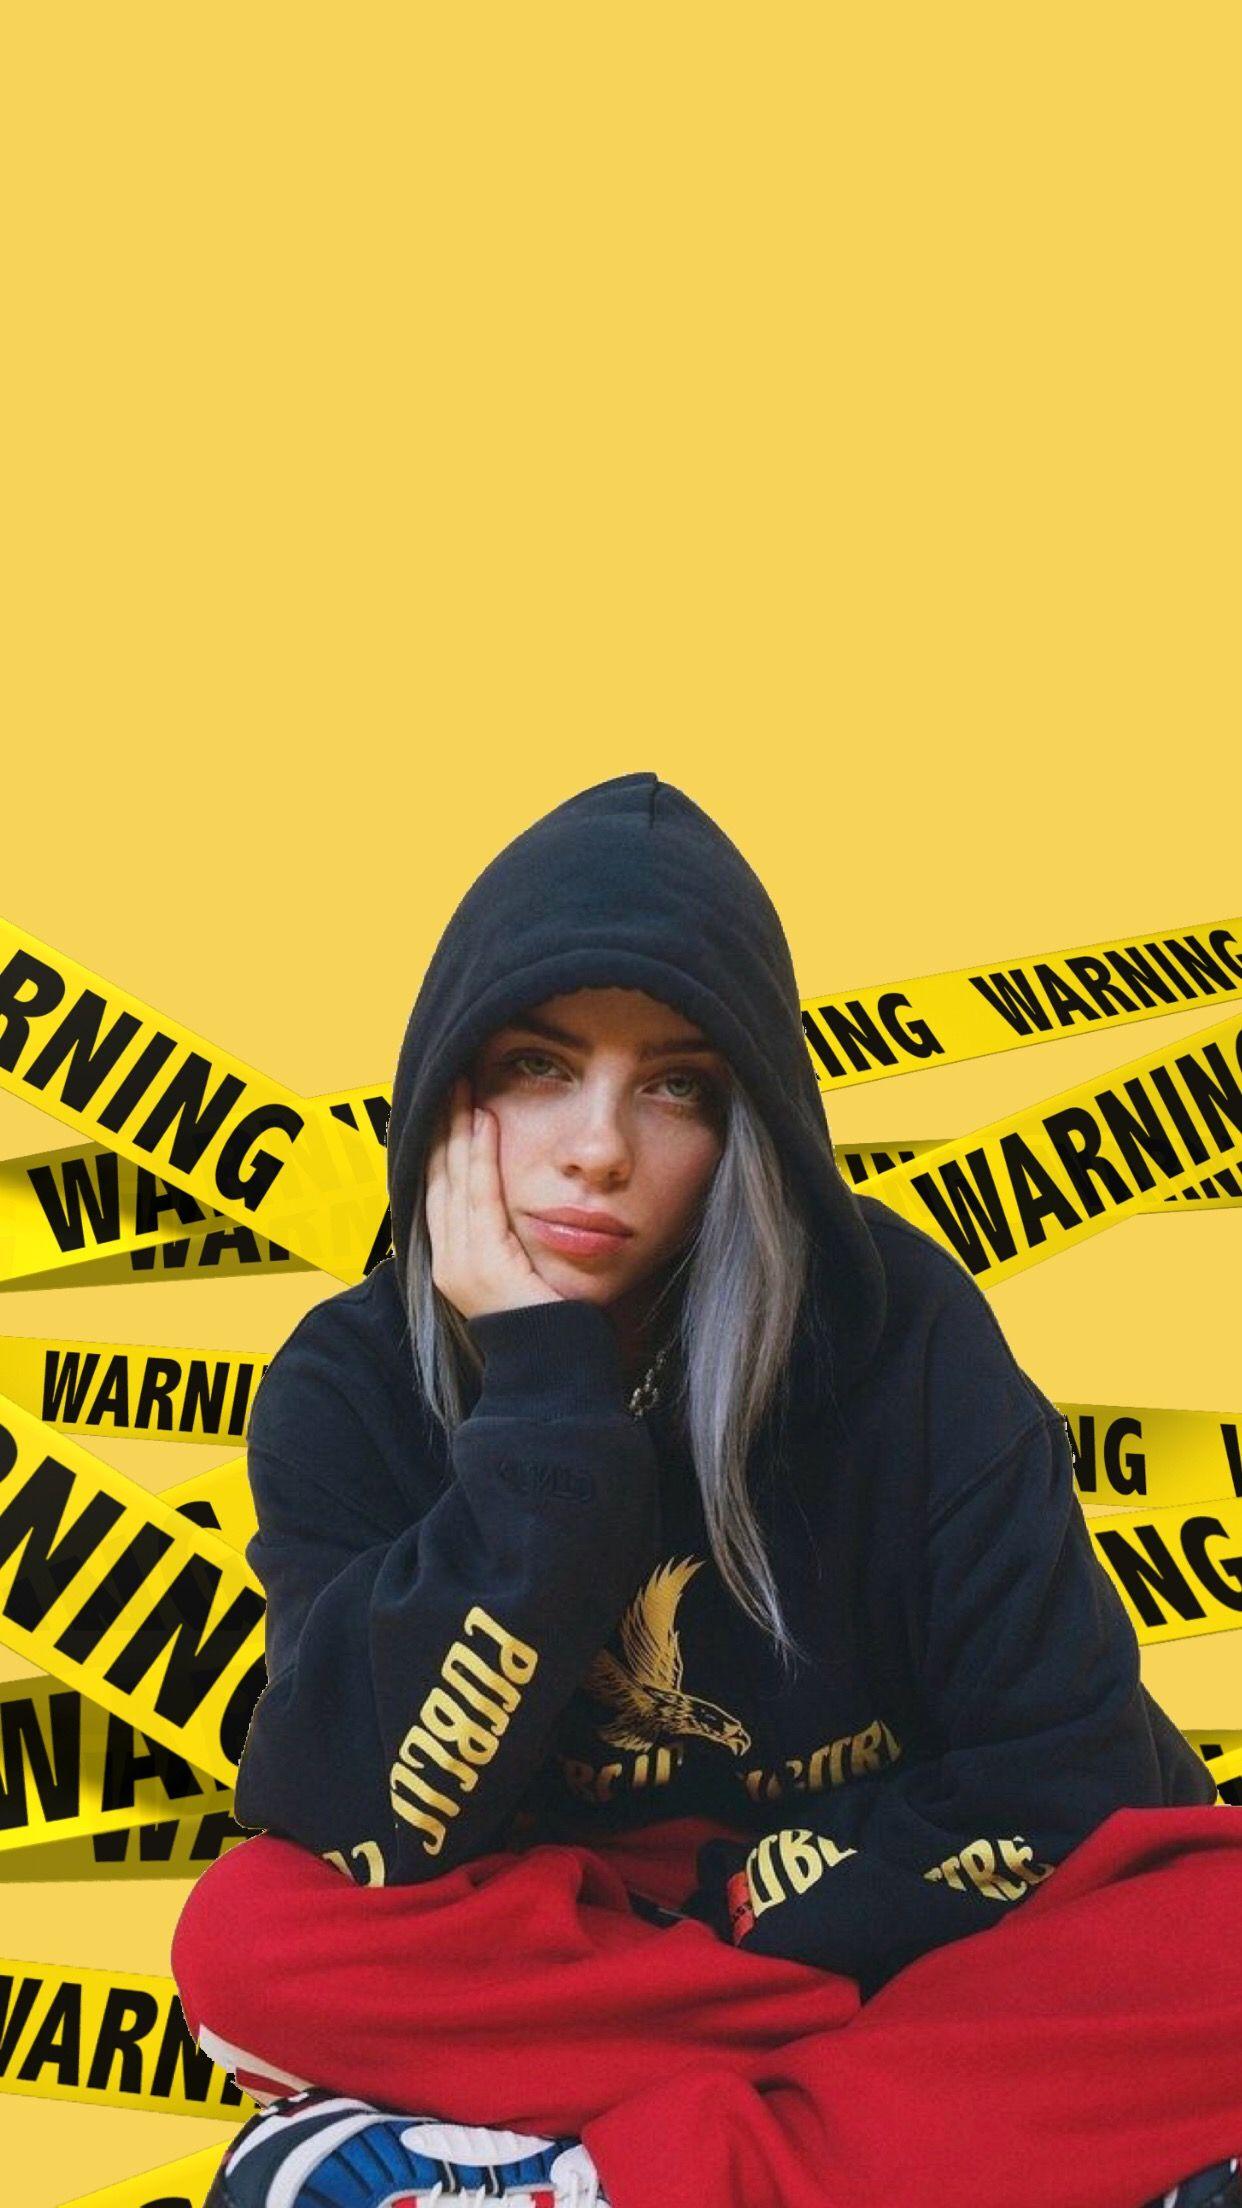 Billie Eilish Wallpaper Lock screen Dope things in 2019 1242x2208